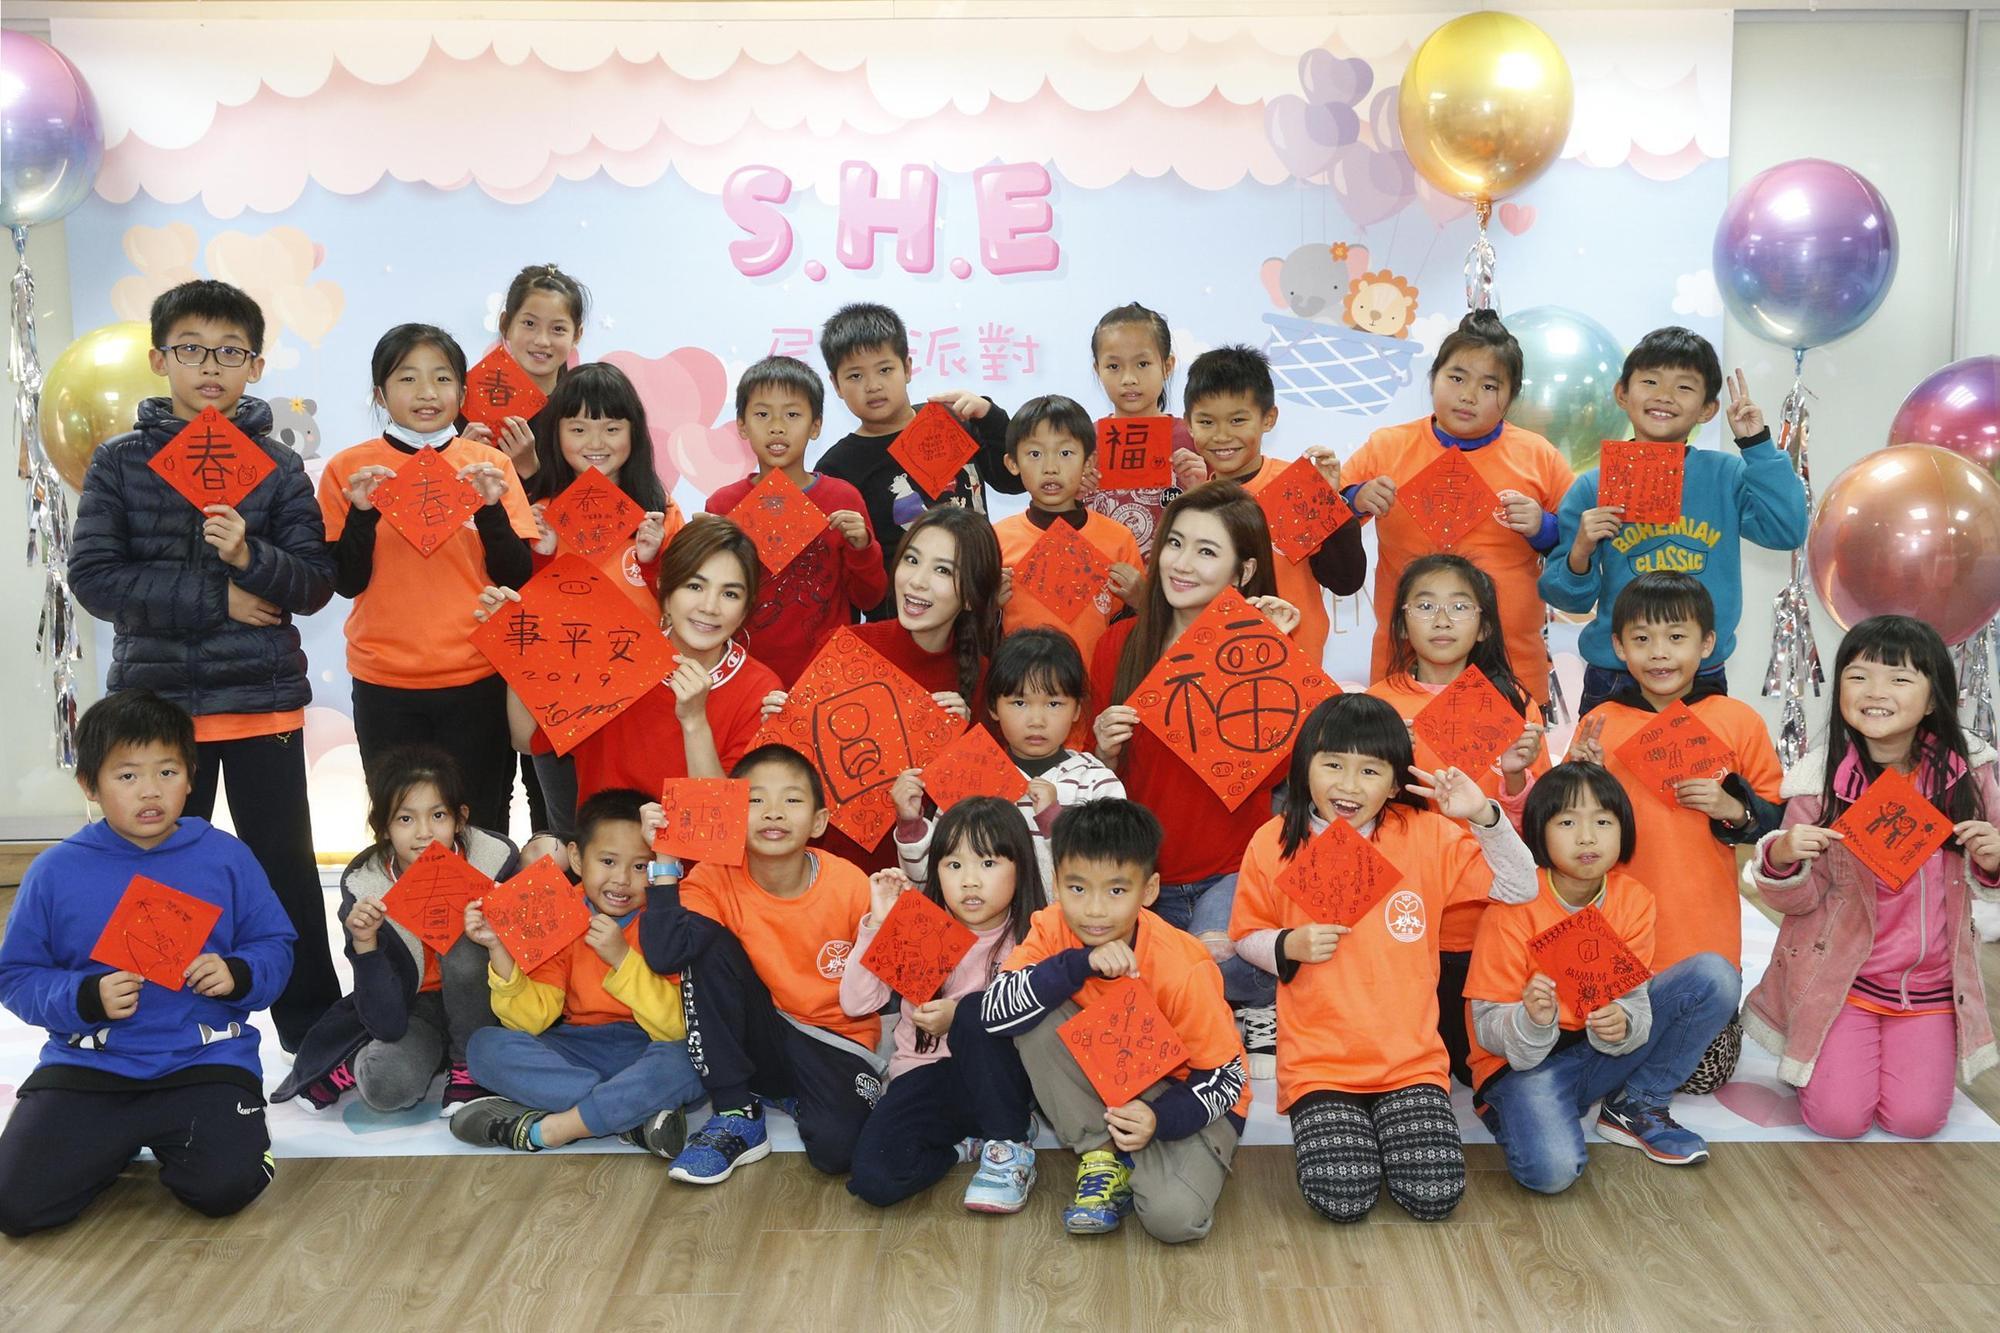 S.H.E不但跟小朋友吃飯,還當老師帶動教唱〈學貓叫〉跟〈波斯貓〉。(勁樺娛樂+樂來樂好+任真美好提供)